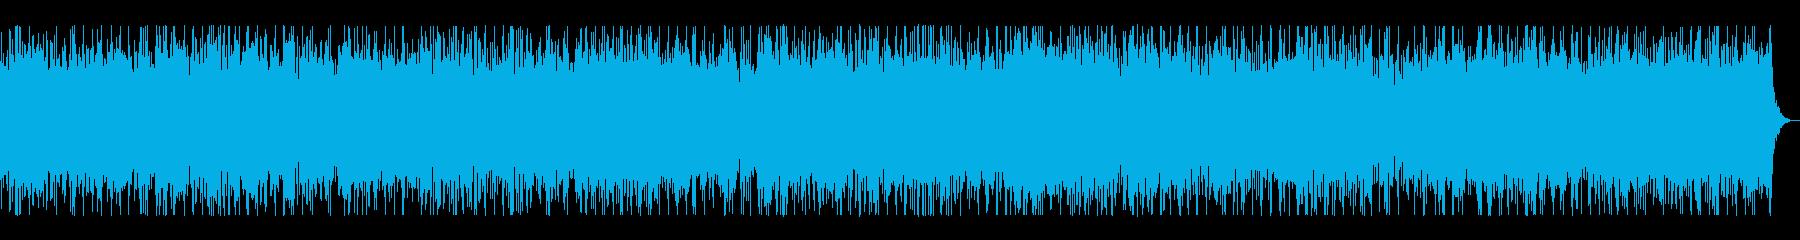 プロケルトバイオリン演奏[6分間長め]の再生済みの波形